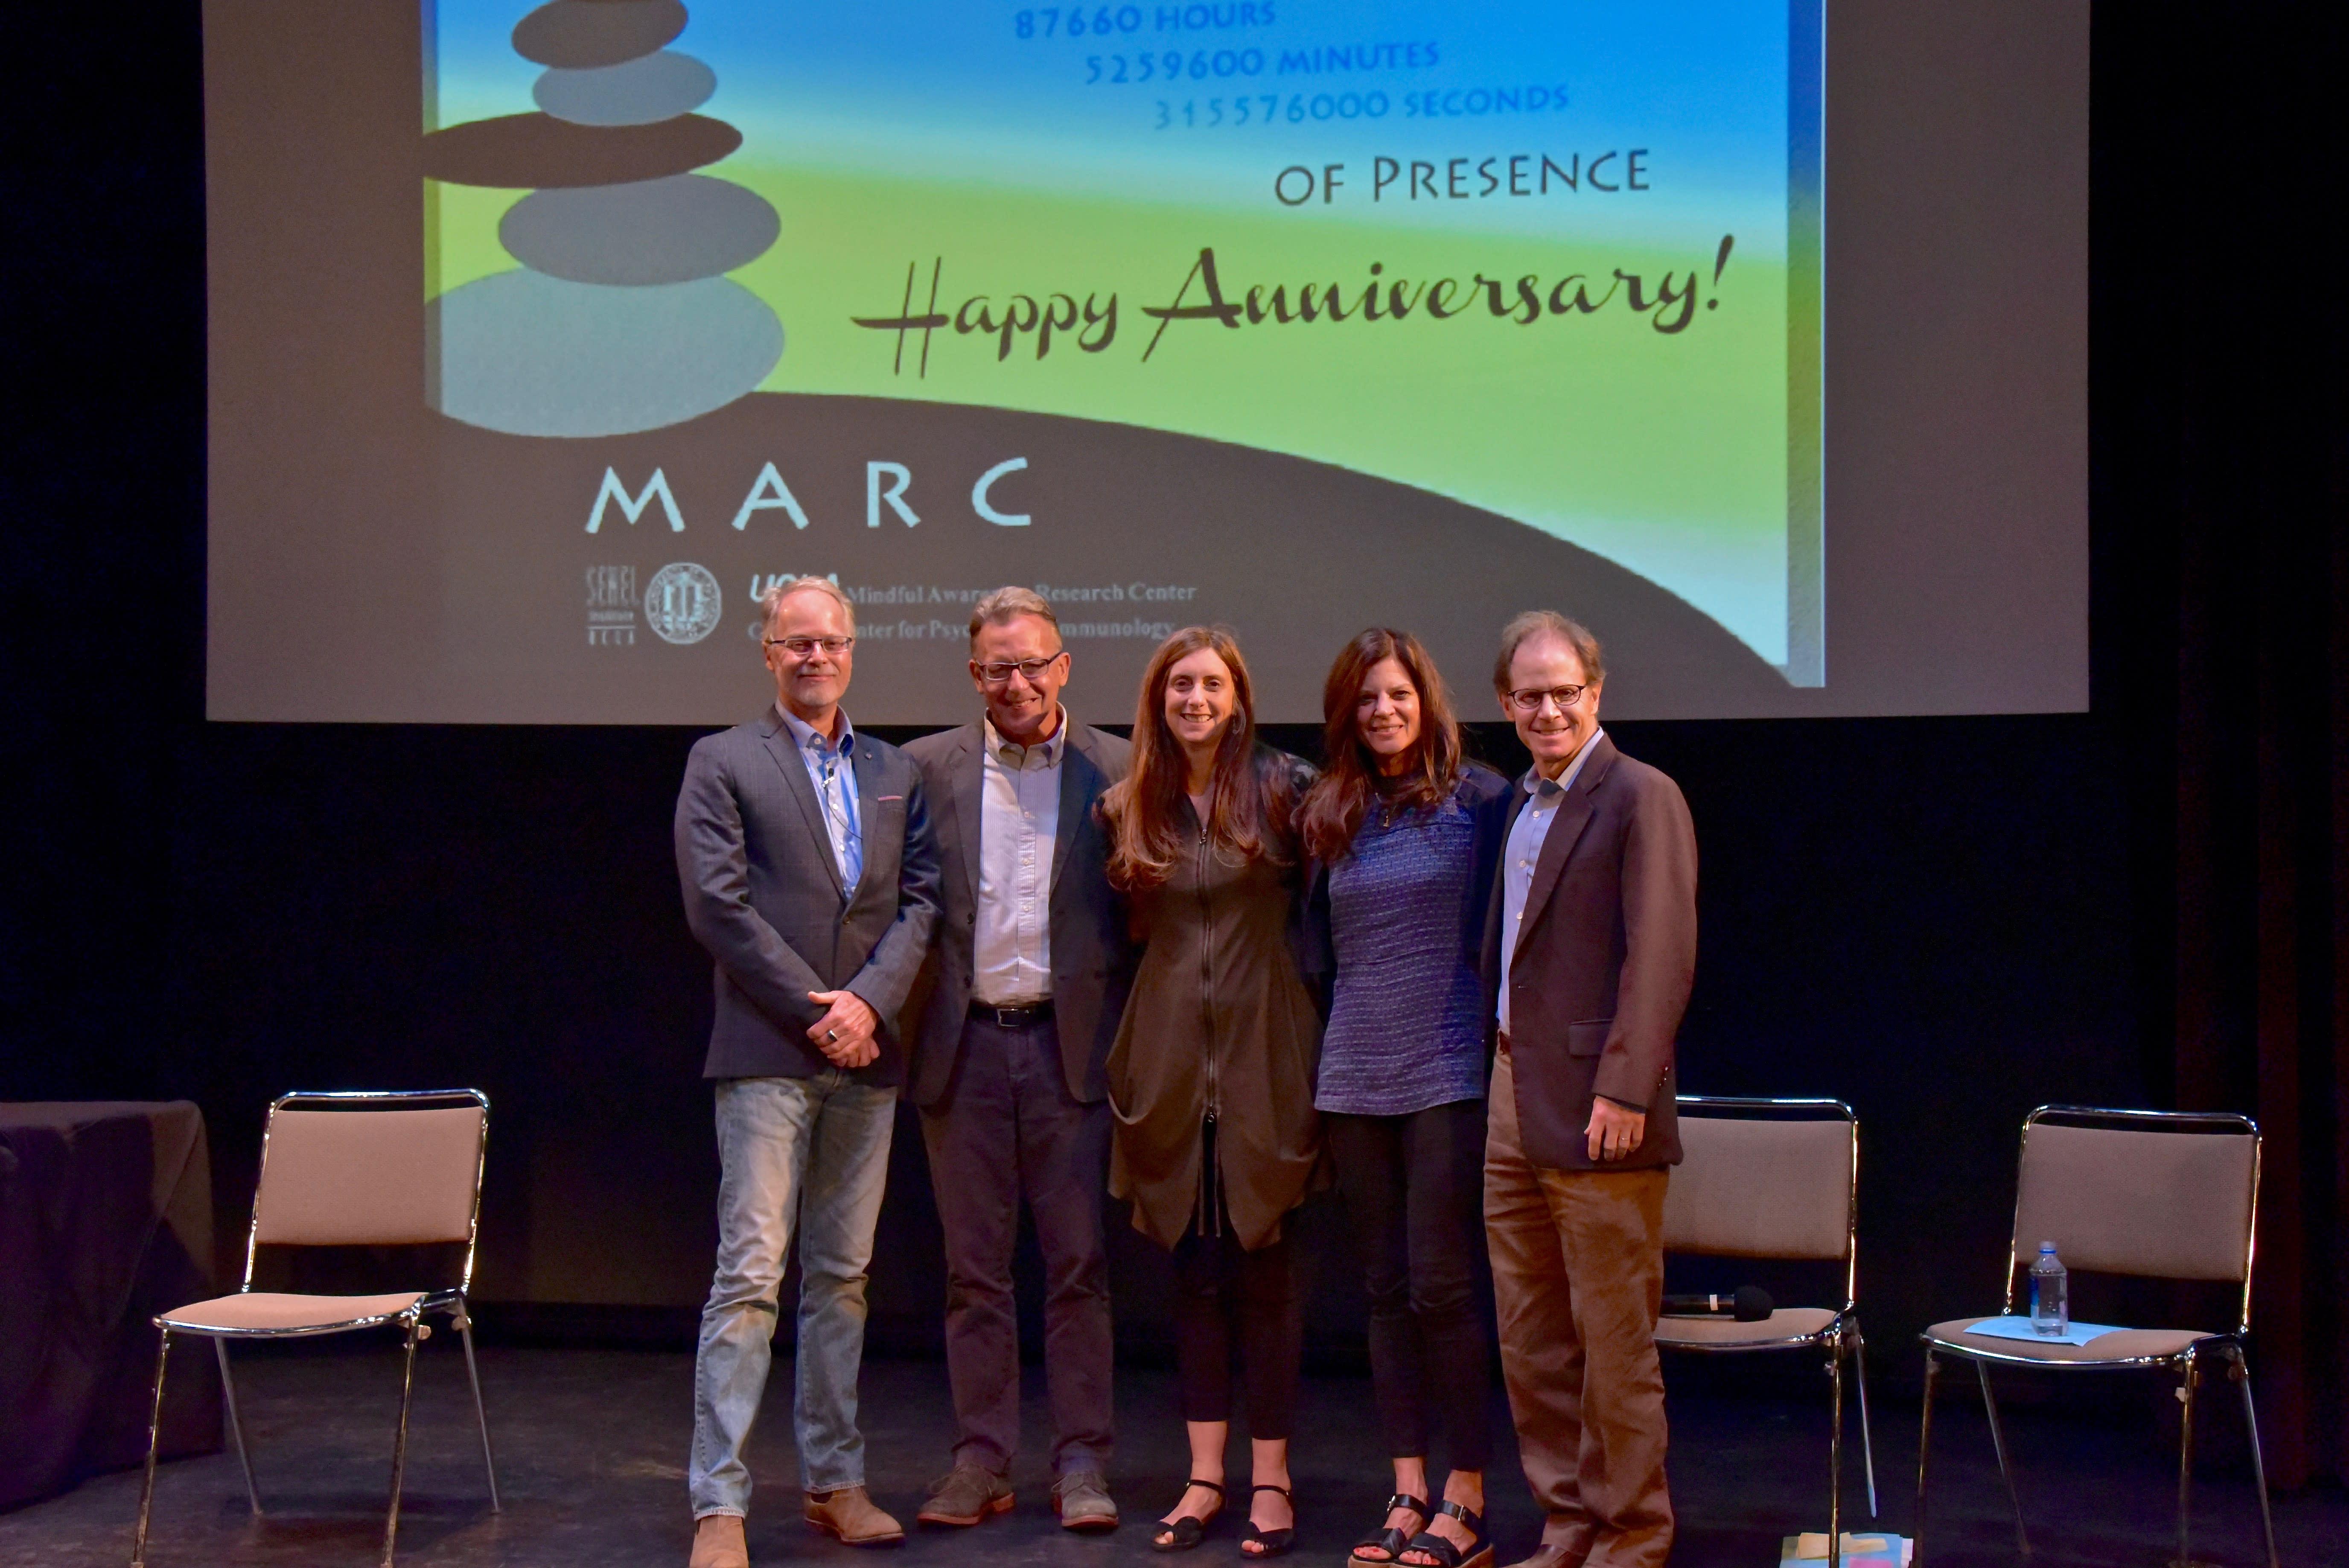 marc 10 year anniversary